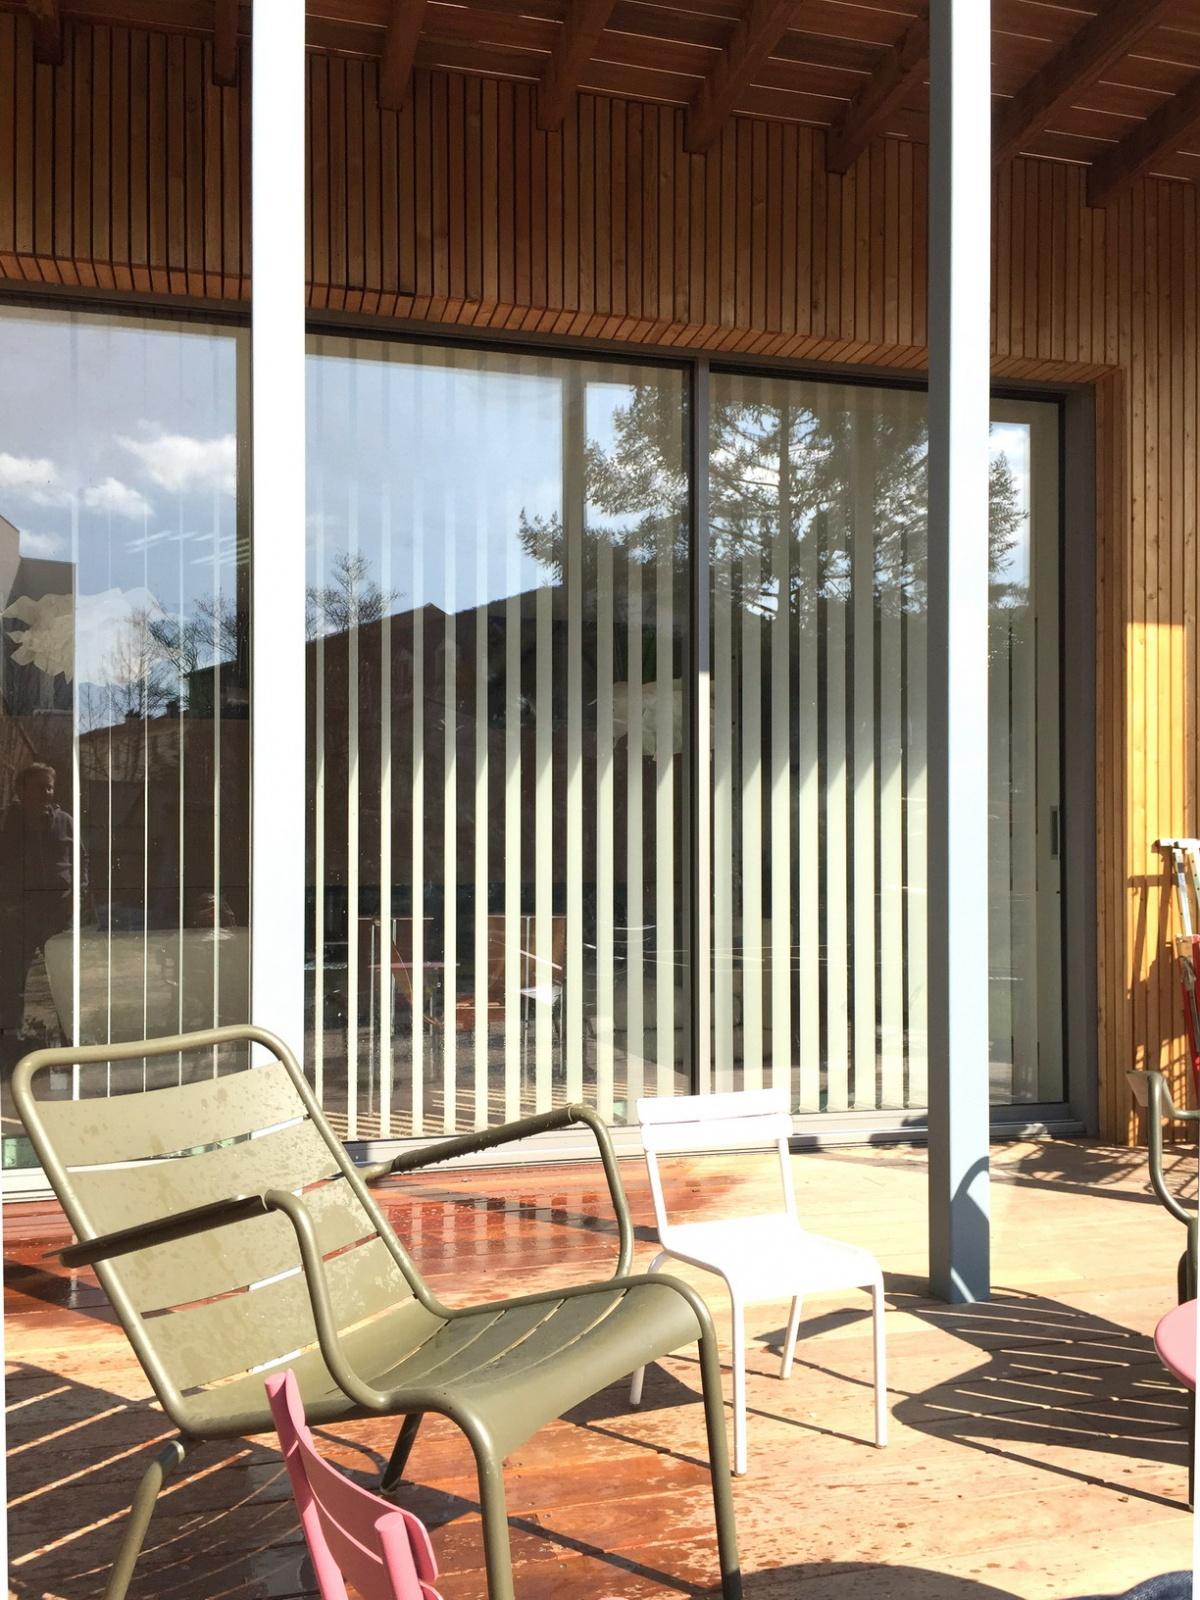 Maison ossature bois : vue coursive